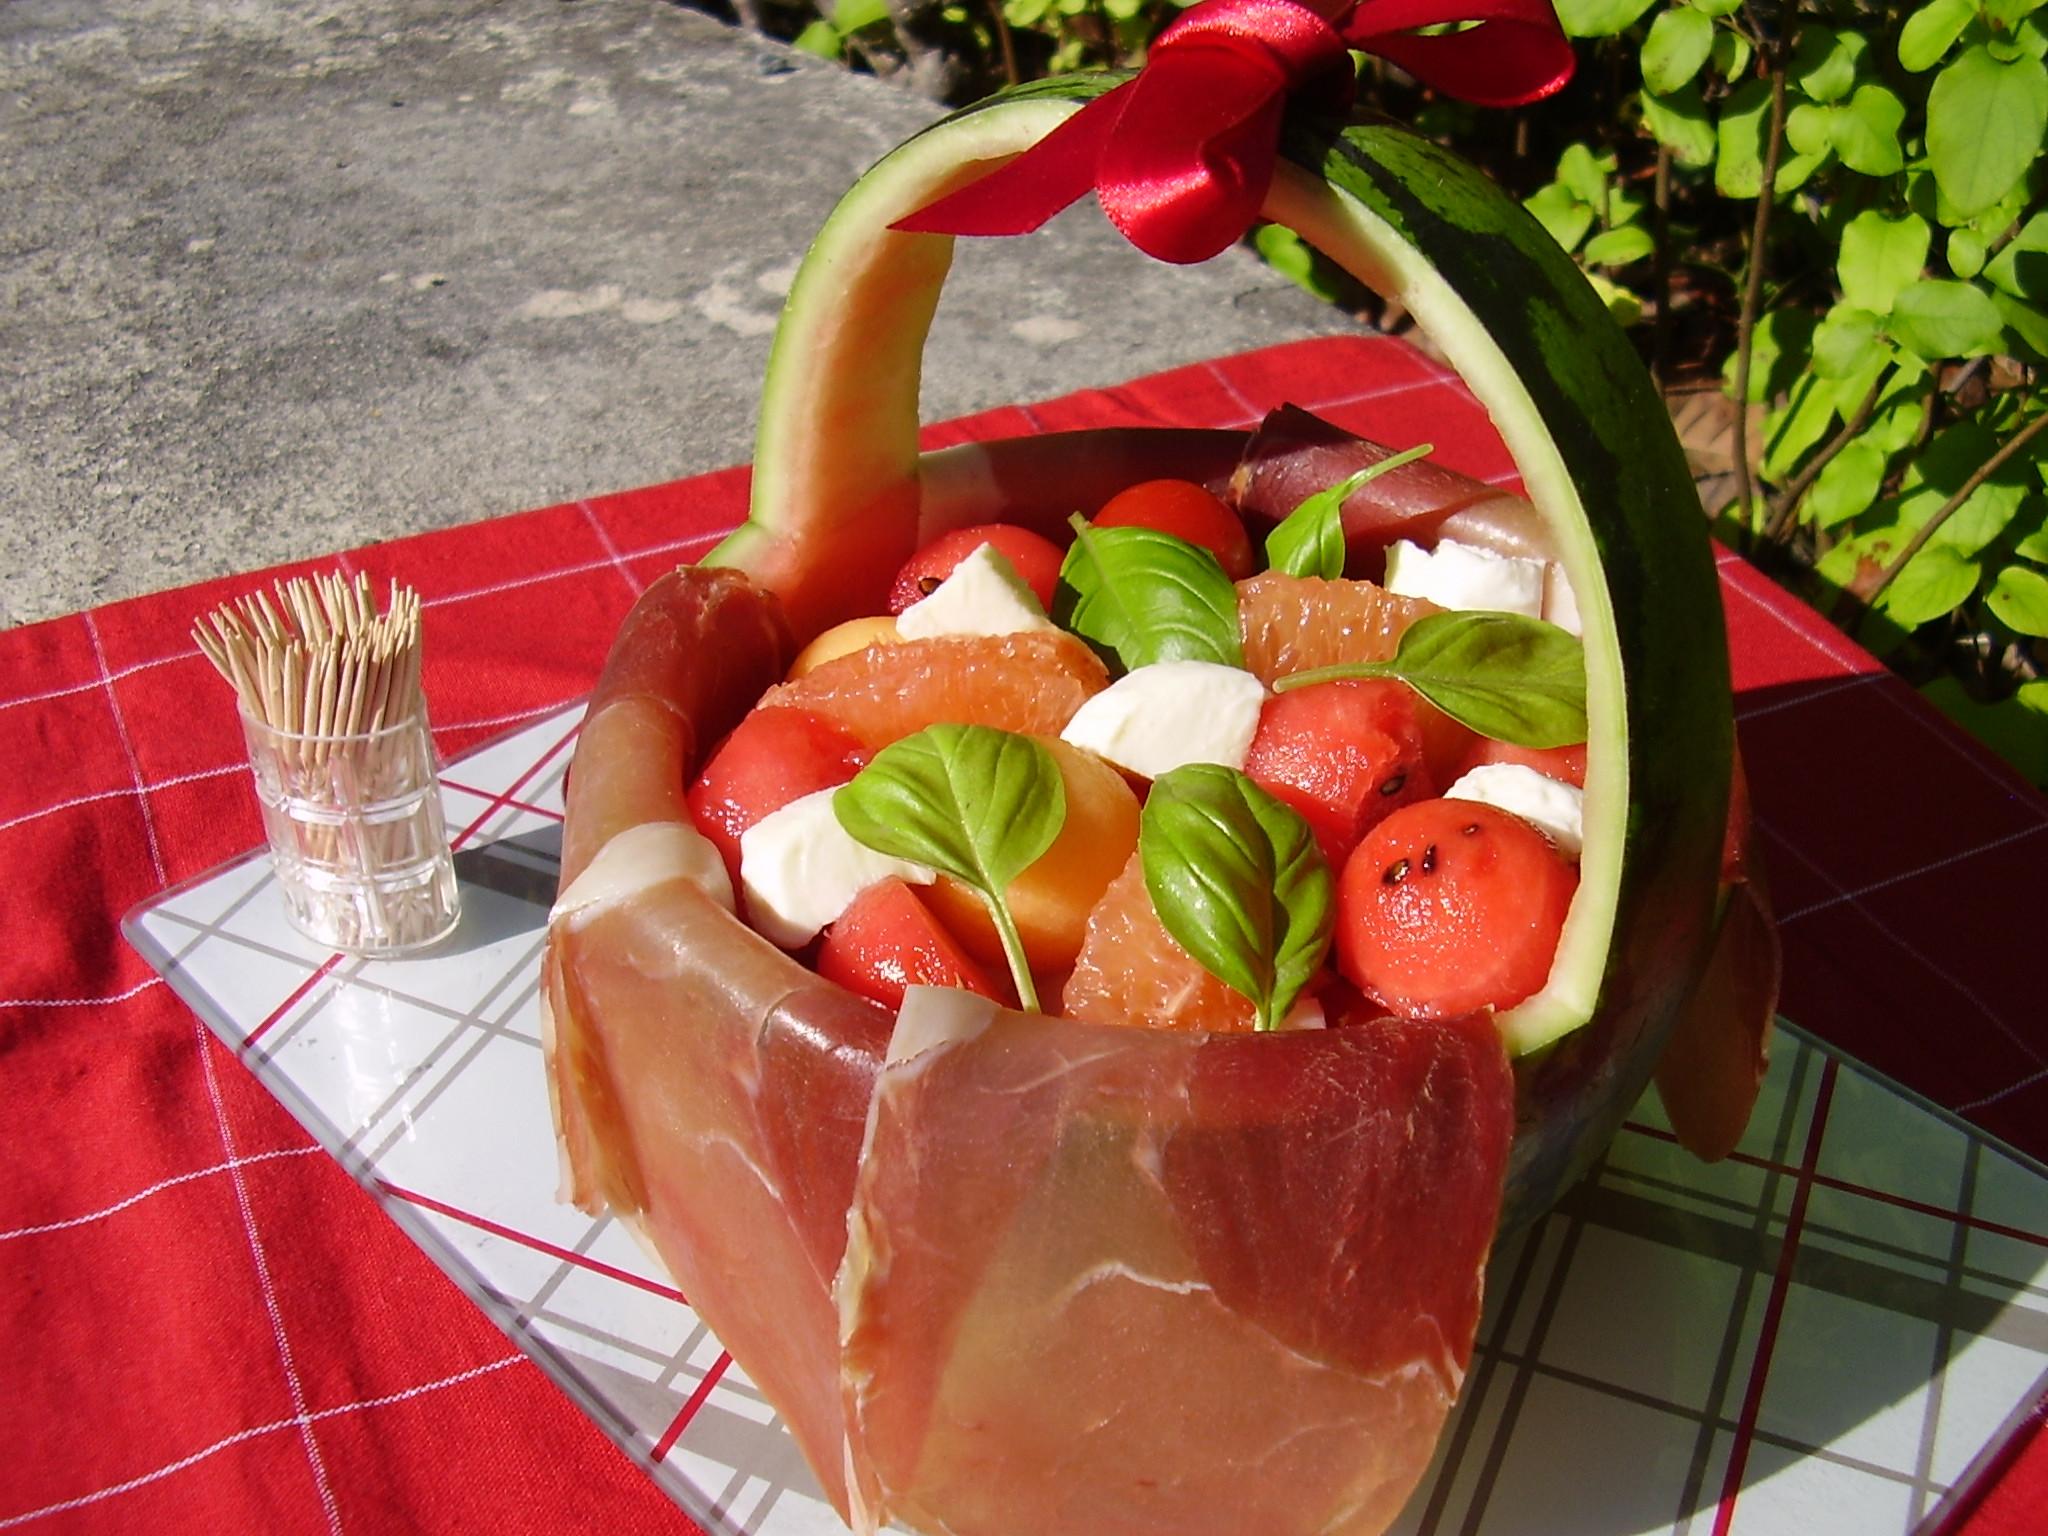 Salade italienne fraîcheur en panier pique-nique [défi]